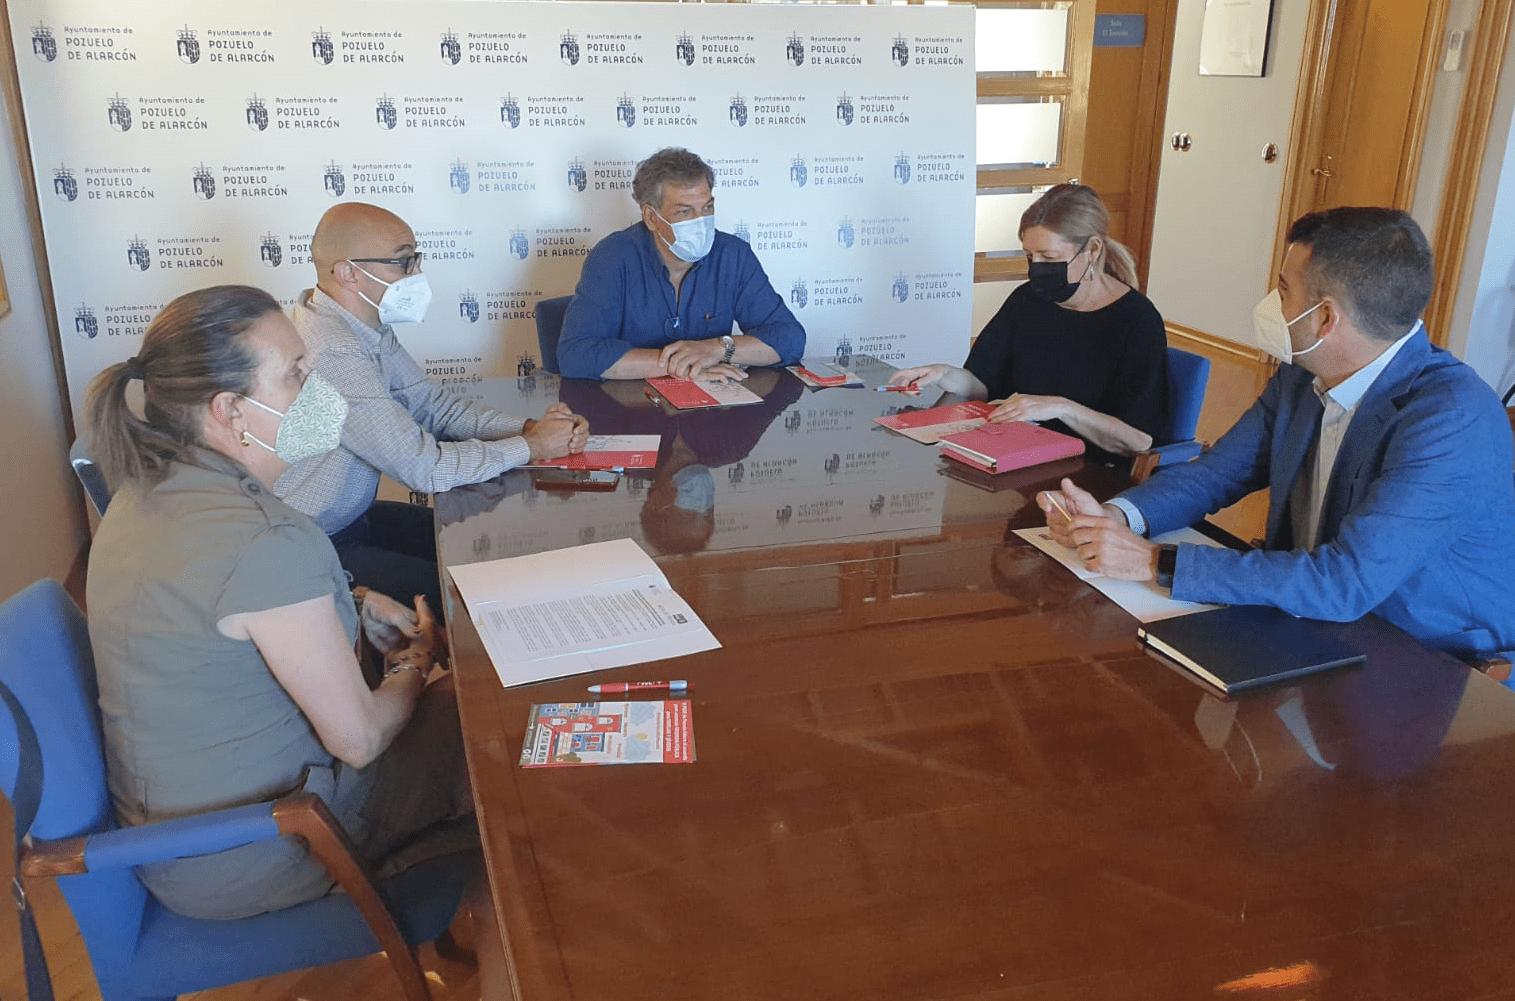 El PSOE de Pozuelo traslada a Marta Bernardo y Gonzalo Pastor, diputados de la Asamblea de Madrid, los problemas del municipio